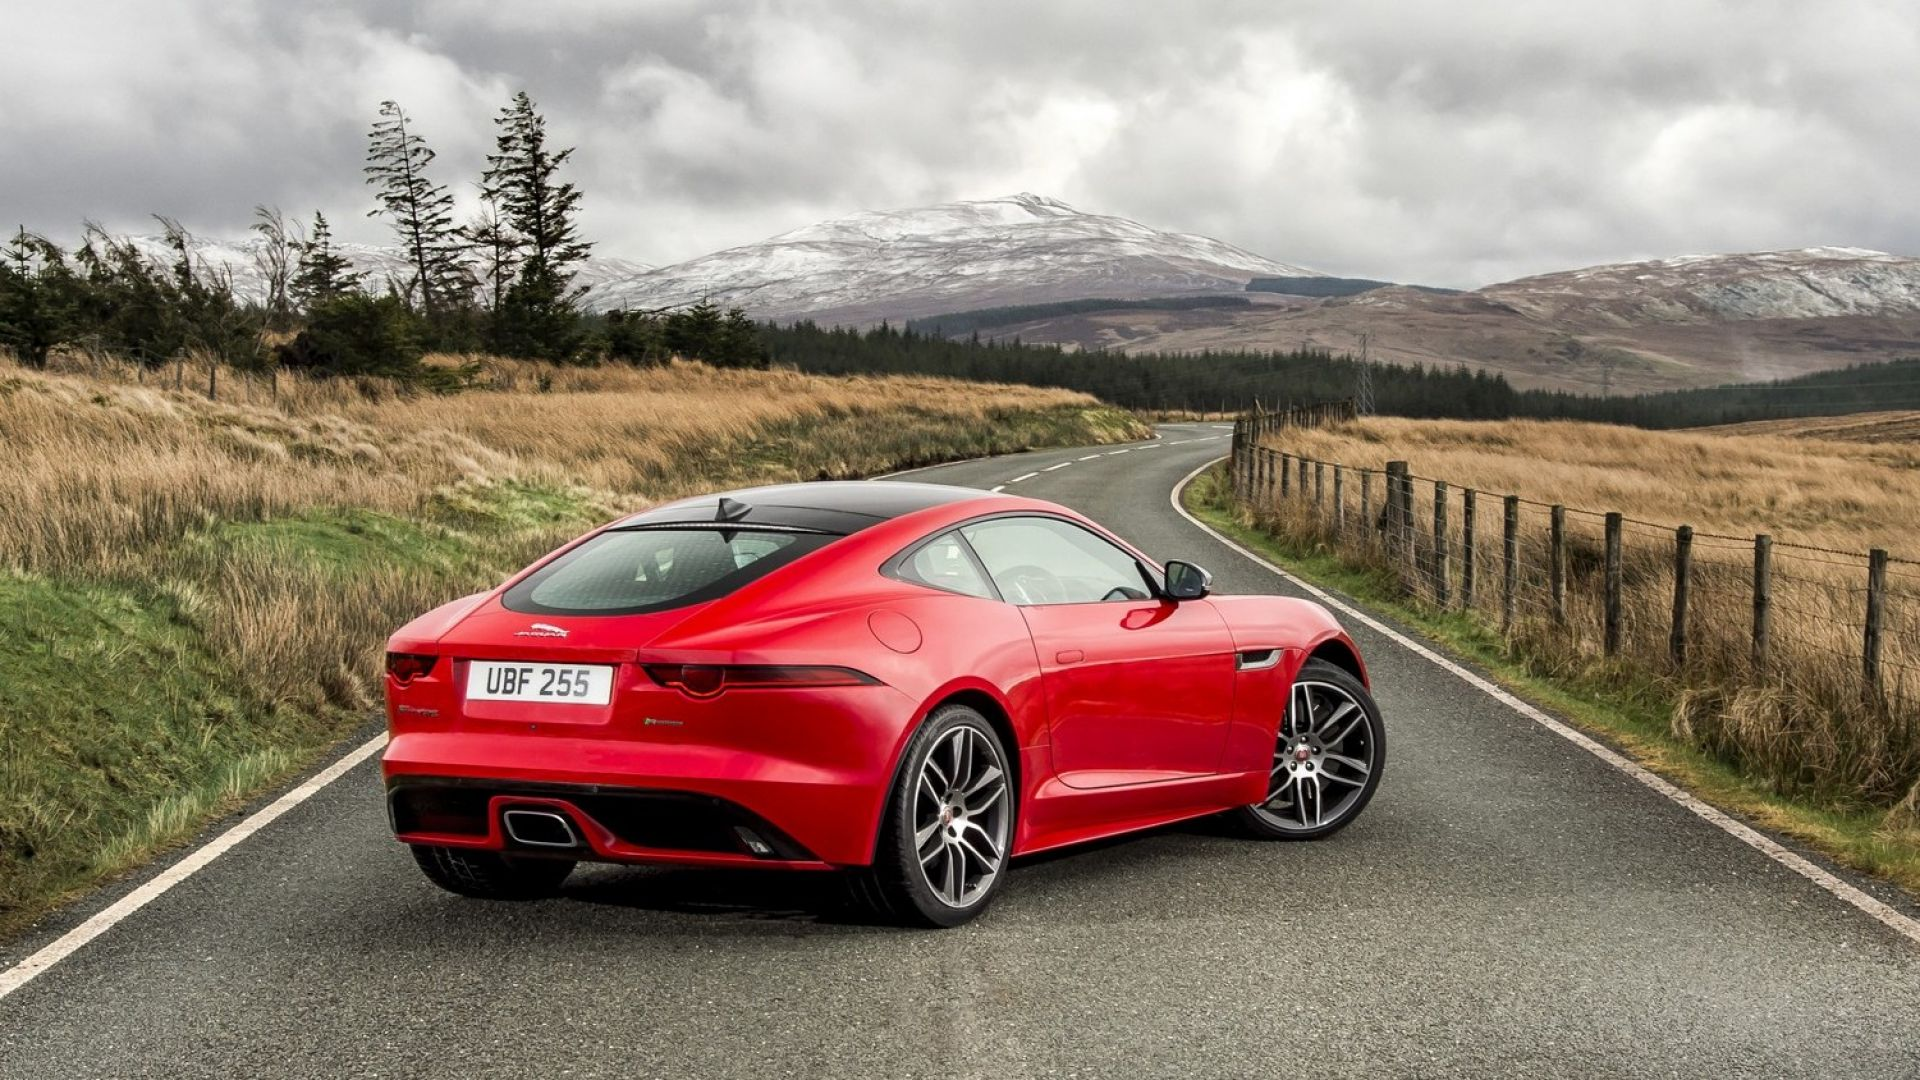 Jaguar F Type Coupe >> Jaguar F-Type 2019: novità, aggiornamenti, dotazioni, prezzi - MotorBox